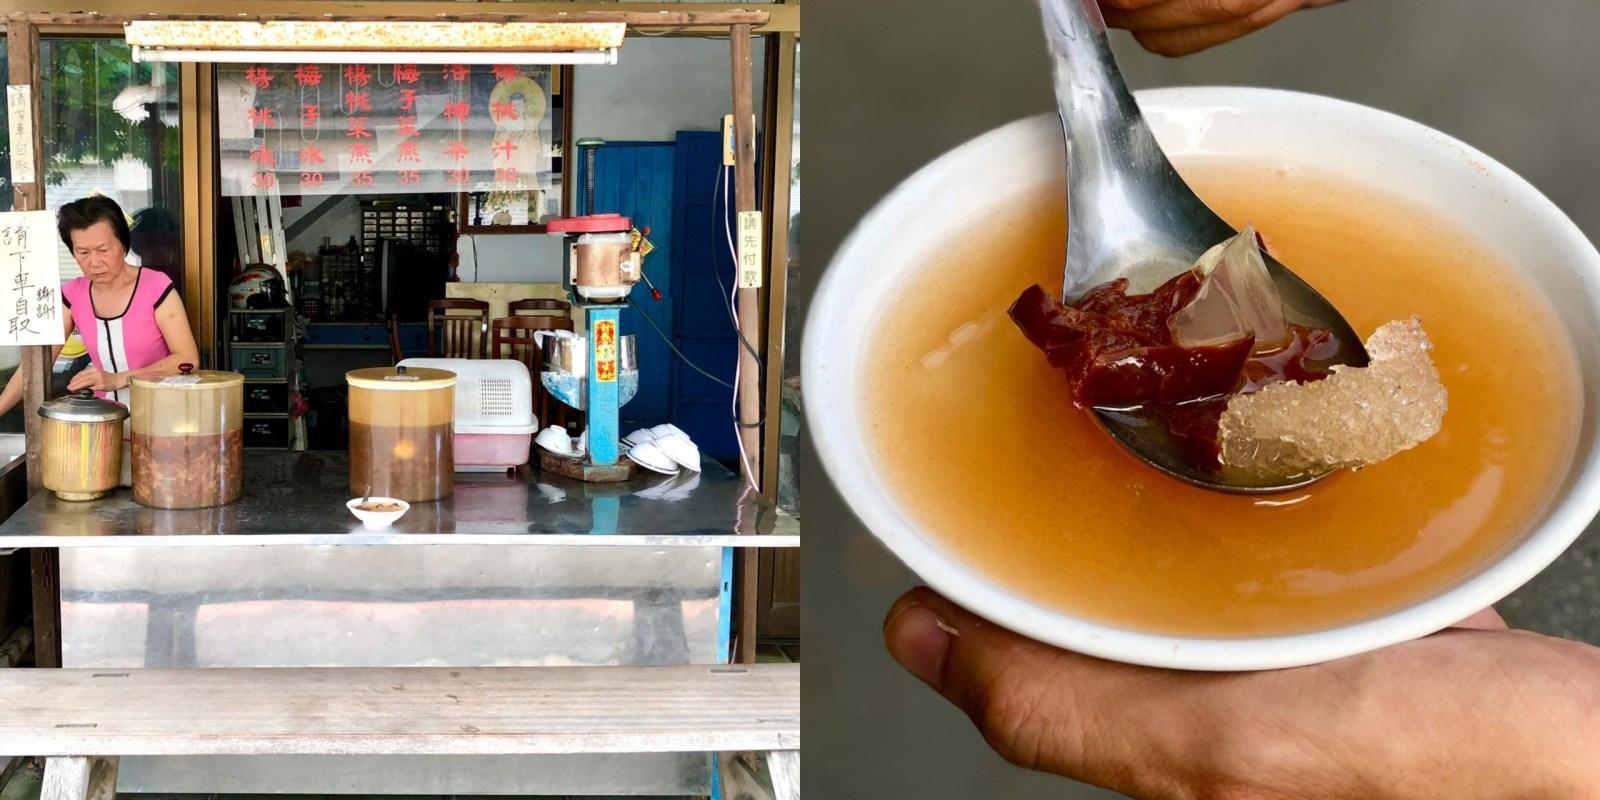 【台東美食】無名楊桃冰|飄香六十年的好味道,在地人推薦必吃隱藏版美食,楊桃、梅子菜燕冰好消暑!